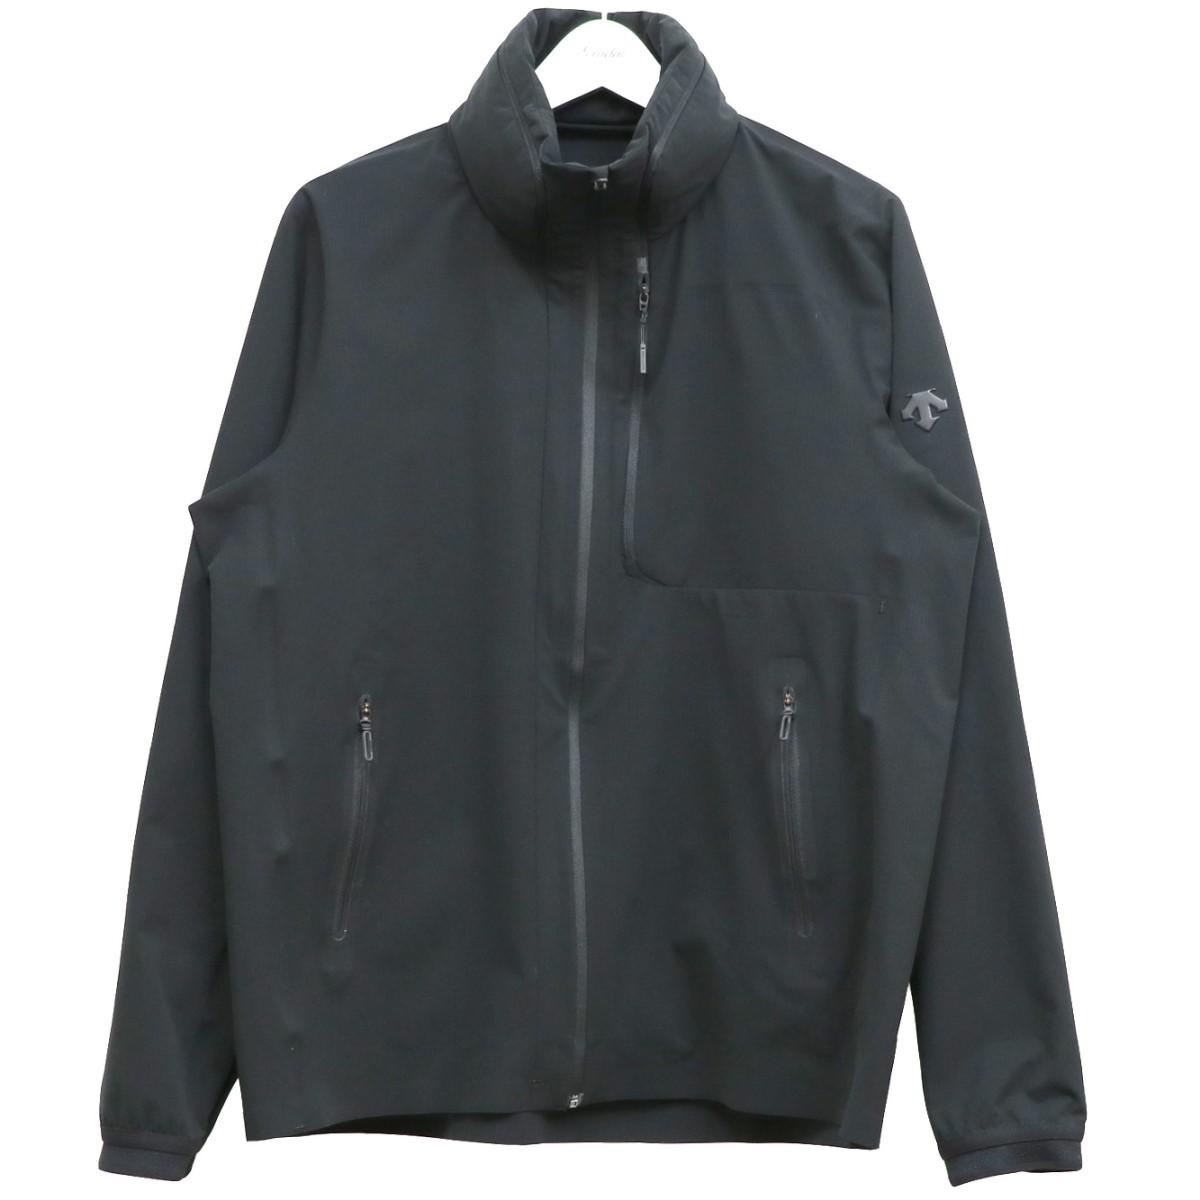 【中古】DESCENTE ALLTERRAIN 20SS COOL DOTS PACKABLE JACKETパッカブルライトジャケット ブラック サイズ:O 【020920】(デサント オルテライン)